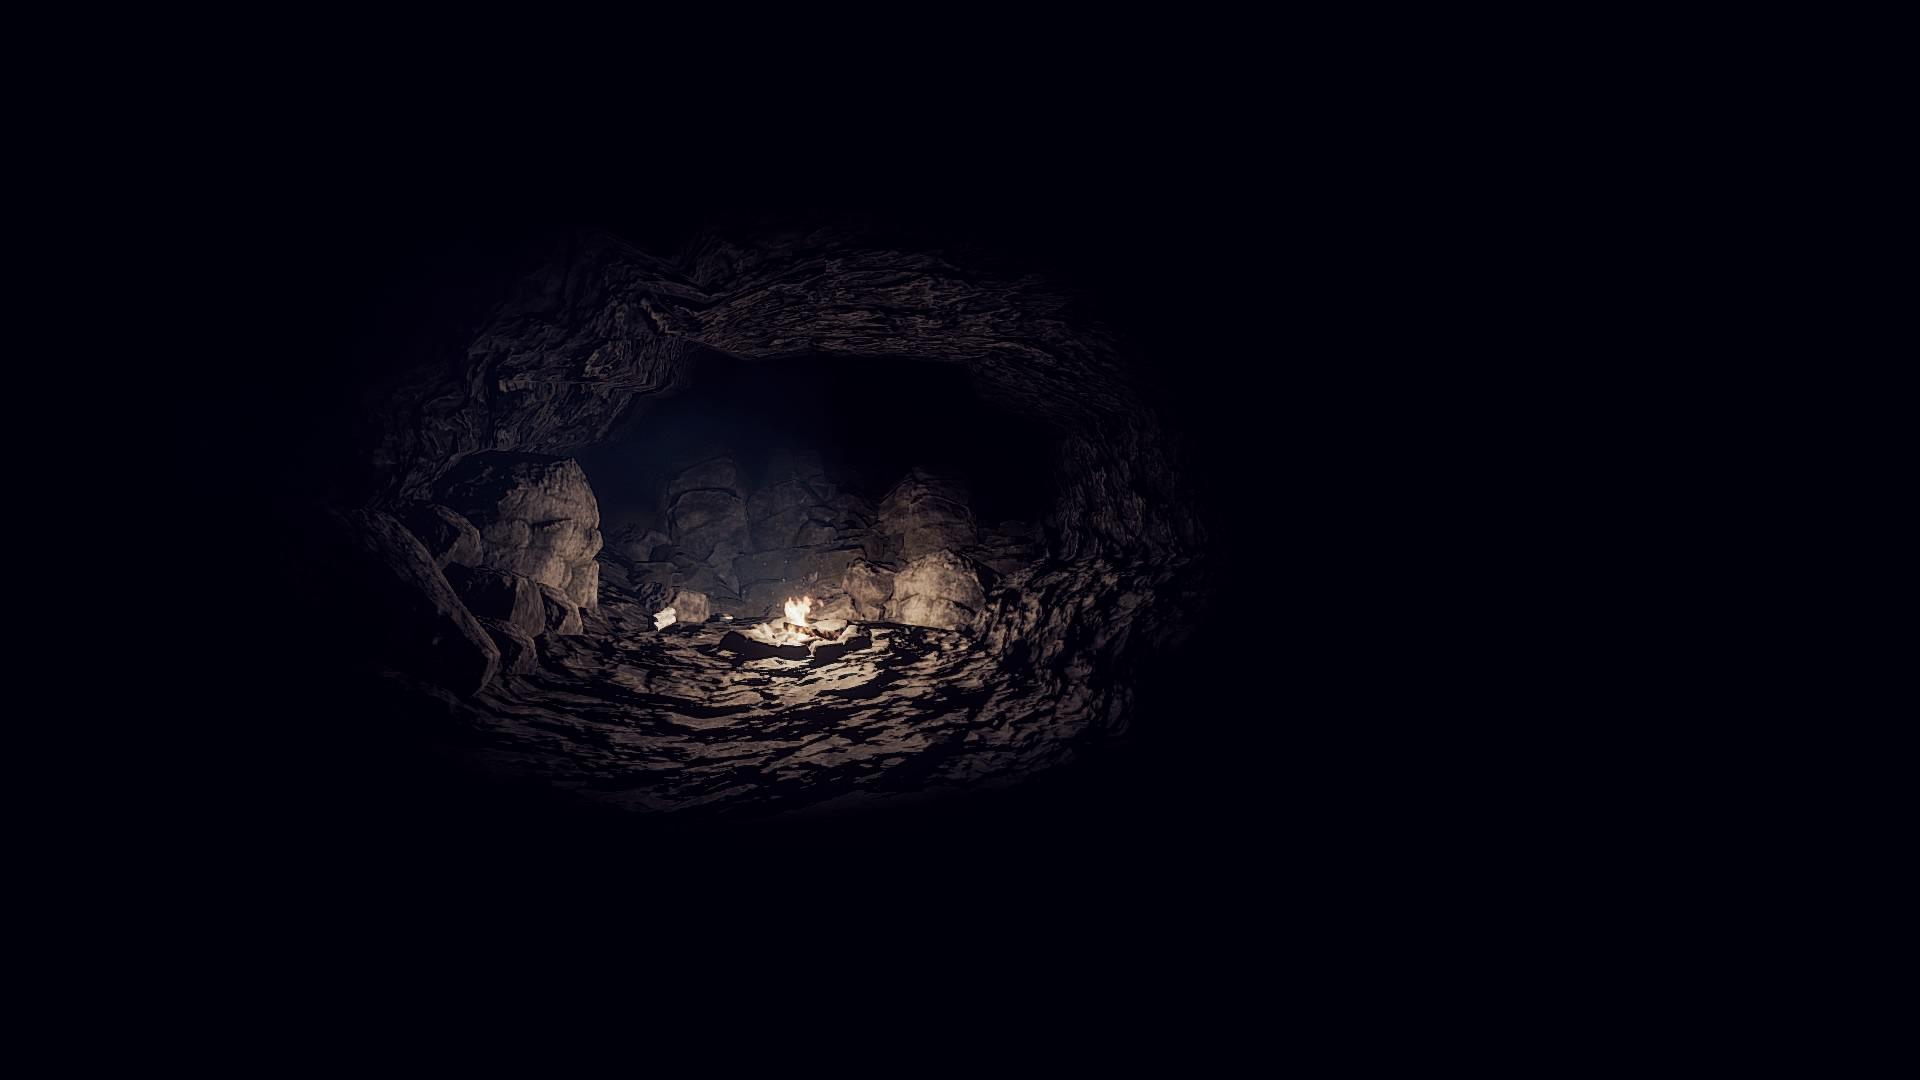 KONA jeskyně